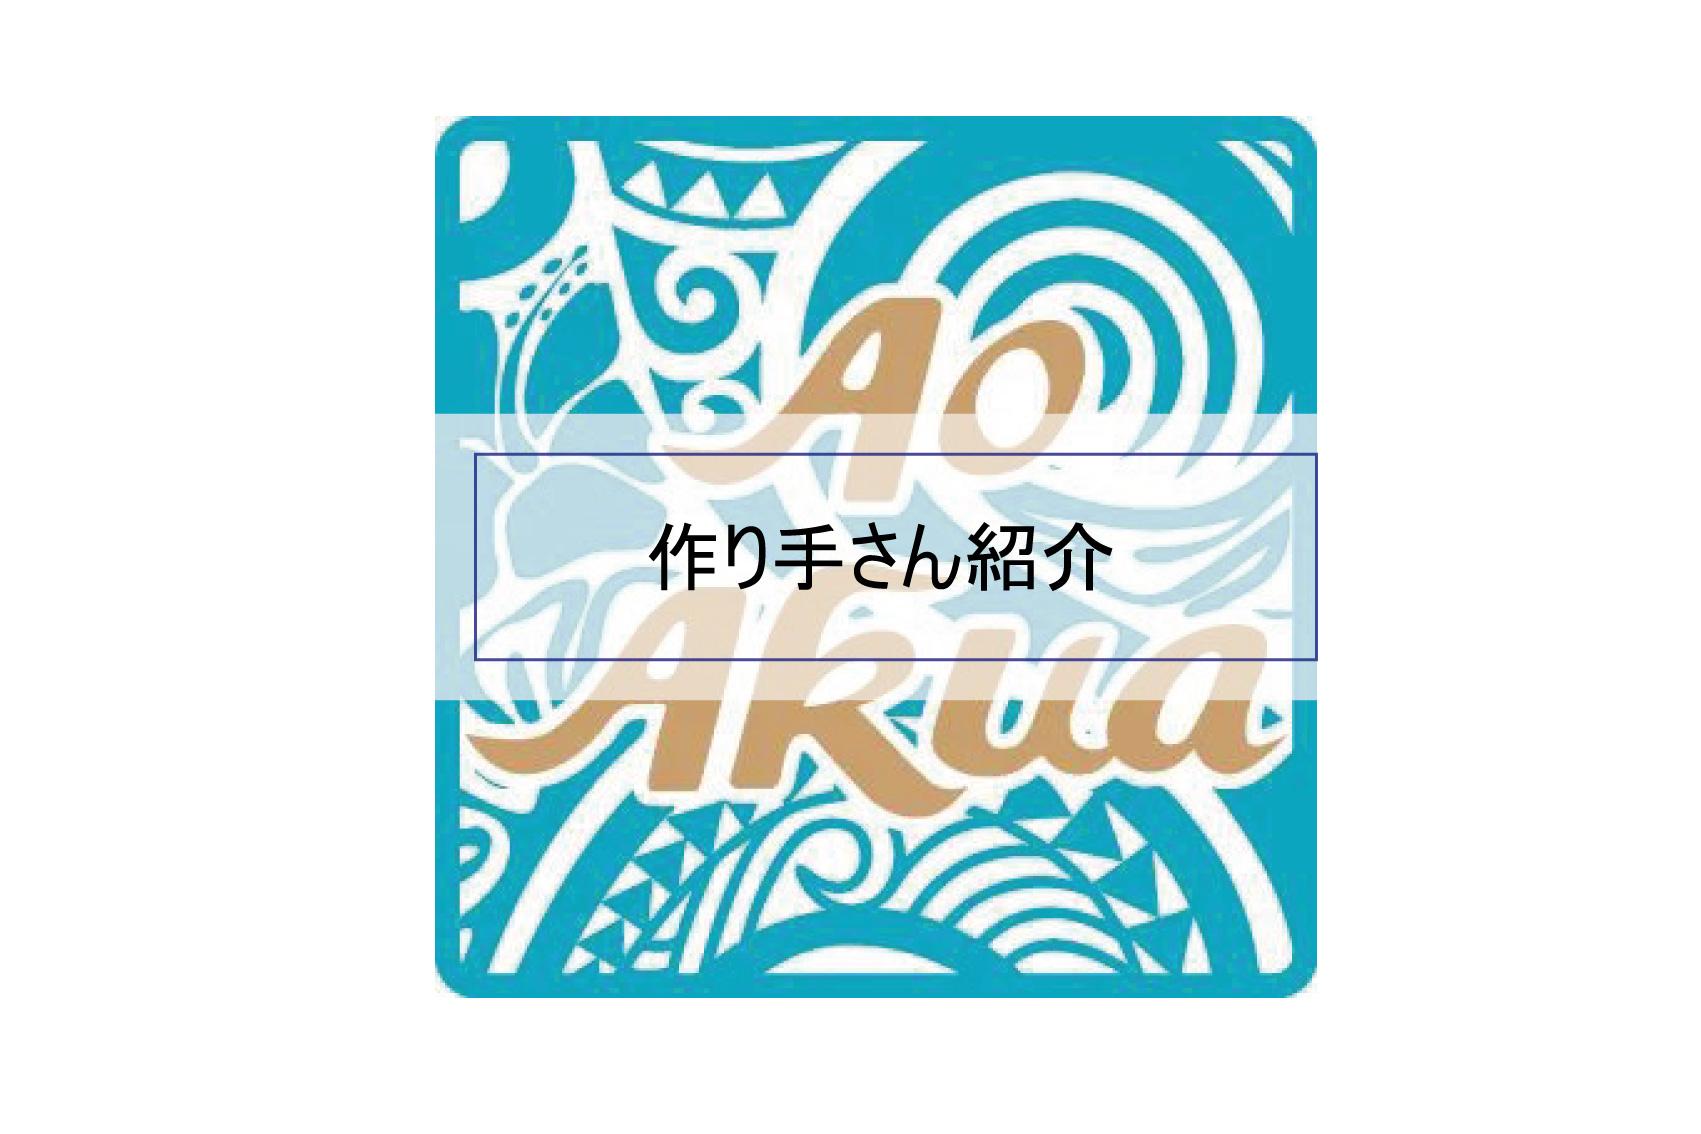 オルガン針株式会社が運営するミシンユーザーのための情報発信型通販サイトArt Stitch Room Powered by ORGAN NEEDLE CO.,LTD.(アートステッチルーム)|【作り手さん】ハワイへの愛で溢れている♪(Ao Akua Tokoさん)